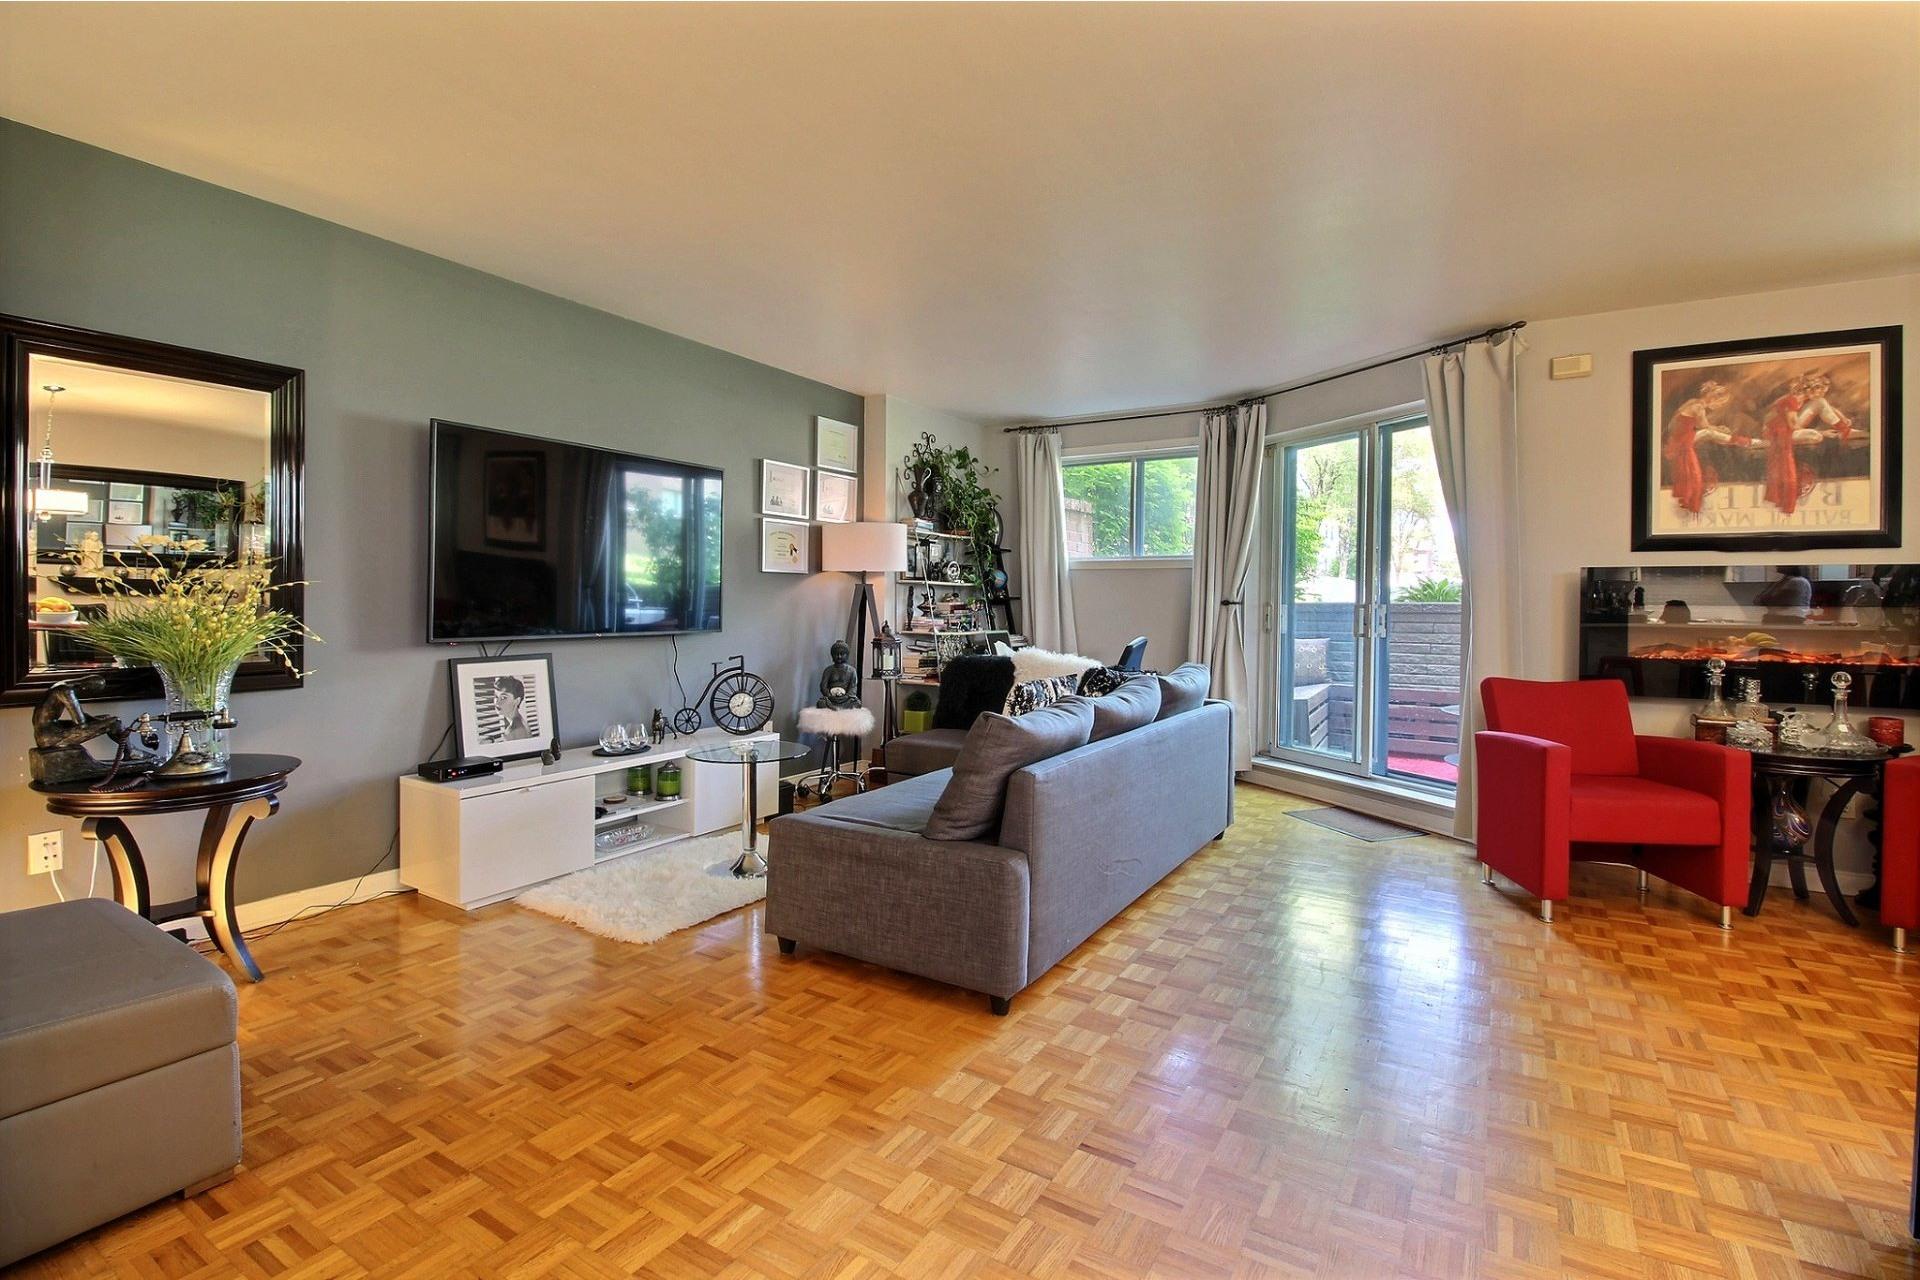 image 10 - Appartement À vendre Montréal Rivière-des-Prairies/Pointe-aux-Trembles  - 5 pièces